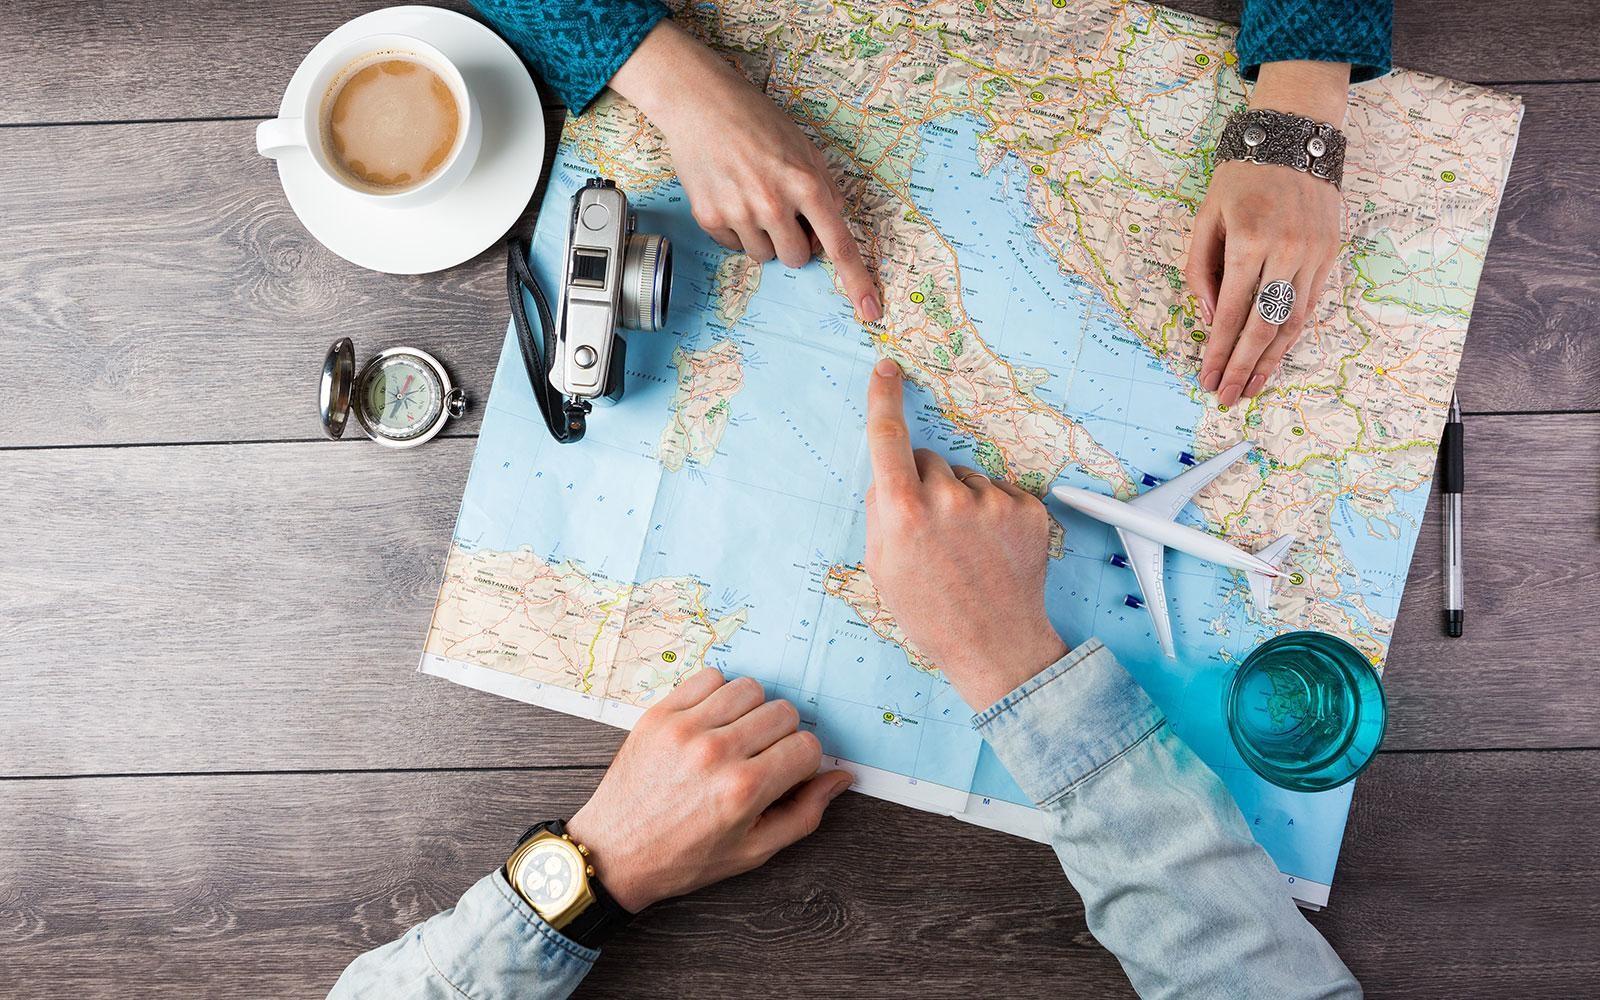 Viaggio Bene consigli per viaggiare bene